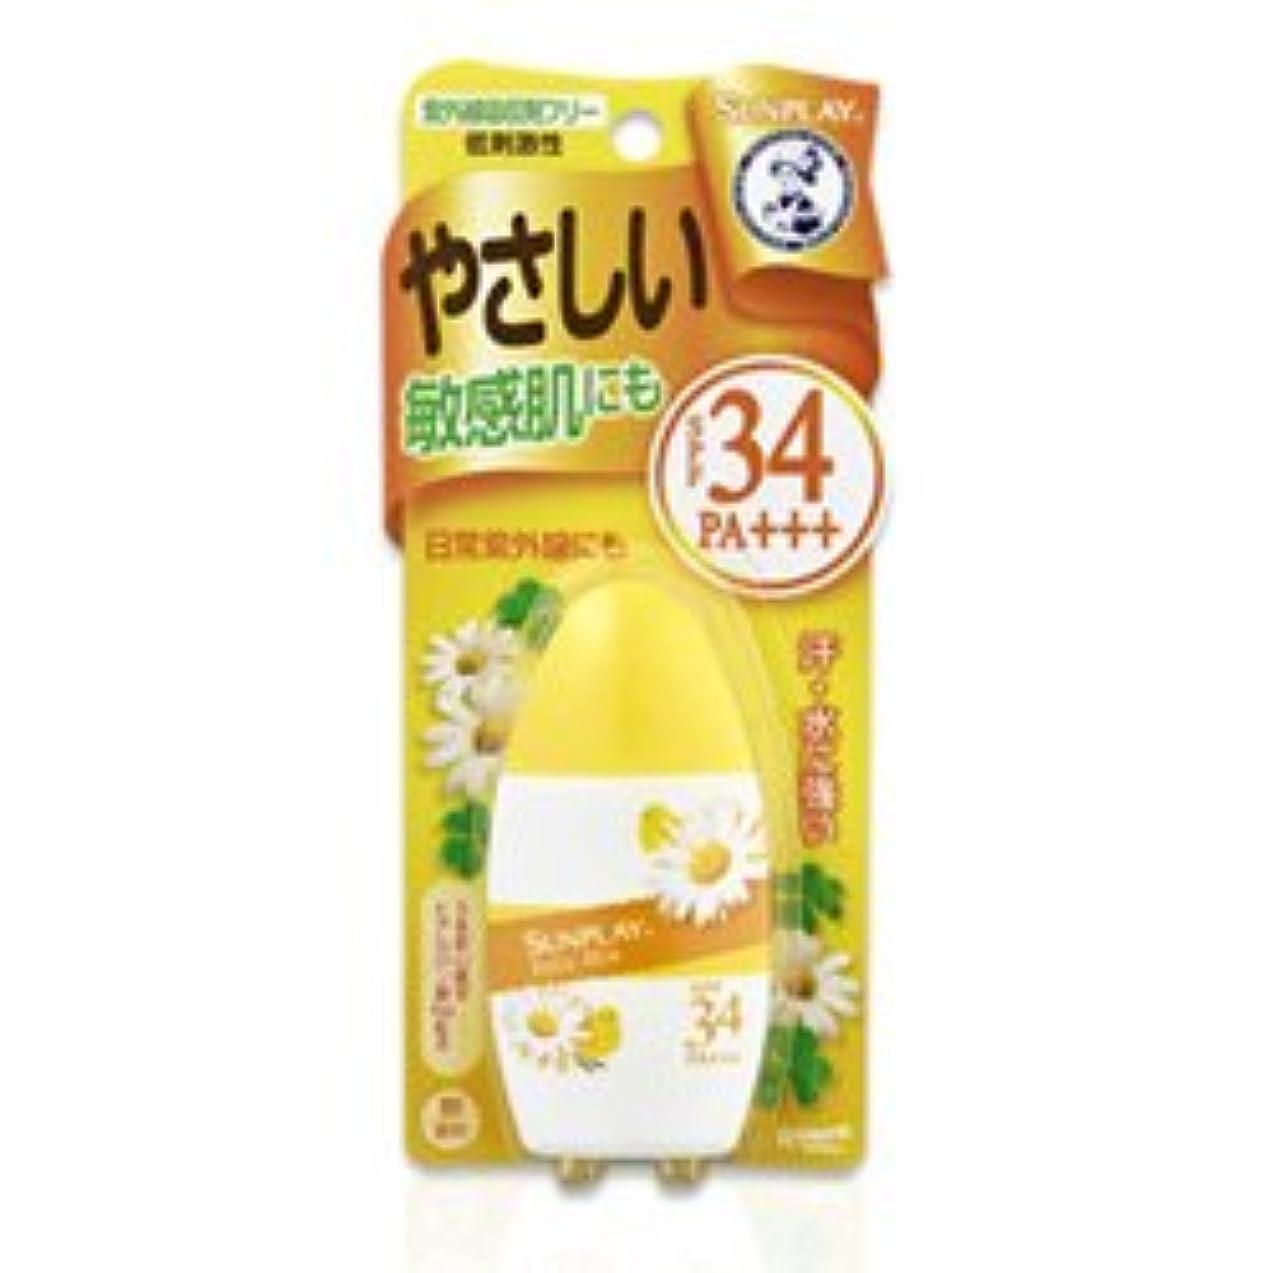 母性実業家監督する【ロート製薬】メンソレータム サンプレイ ベビーミルク 30g ×3個セット